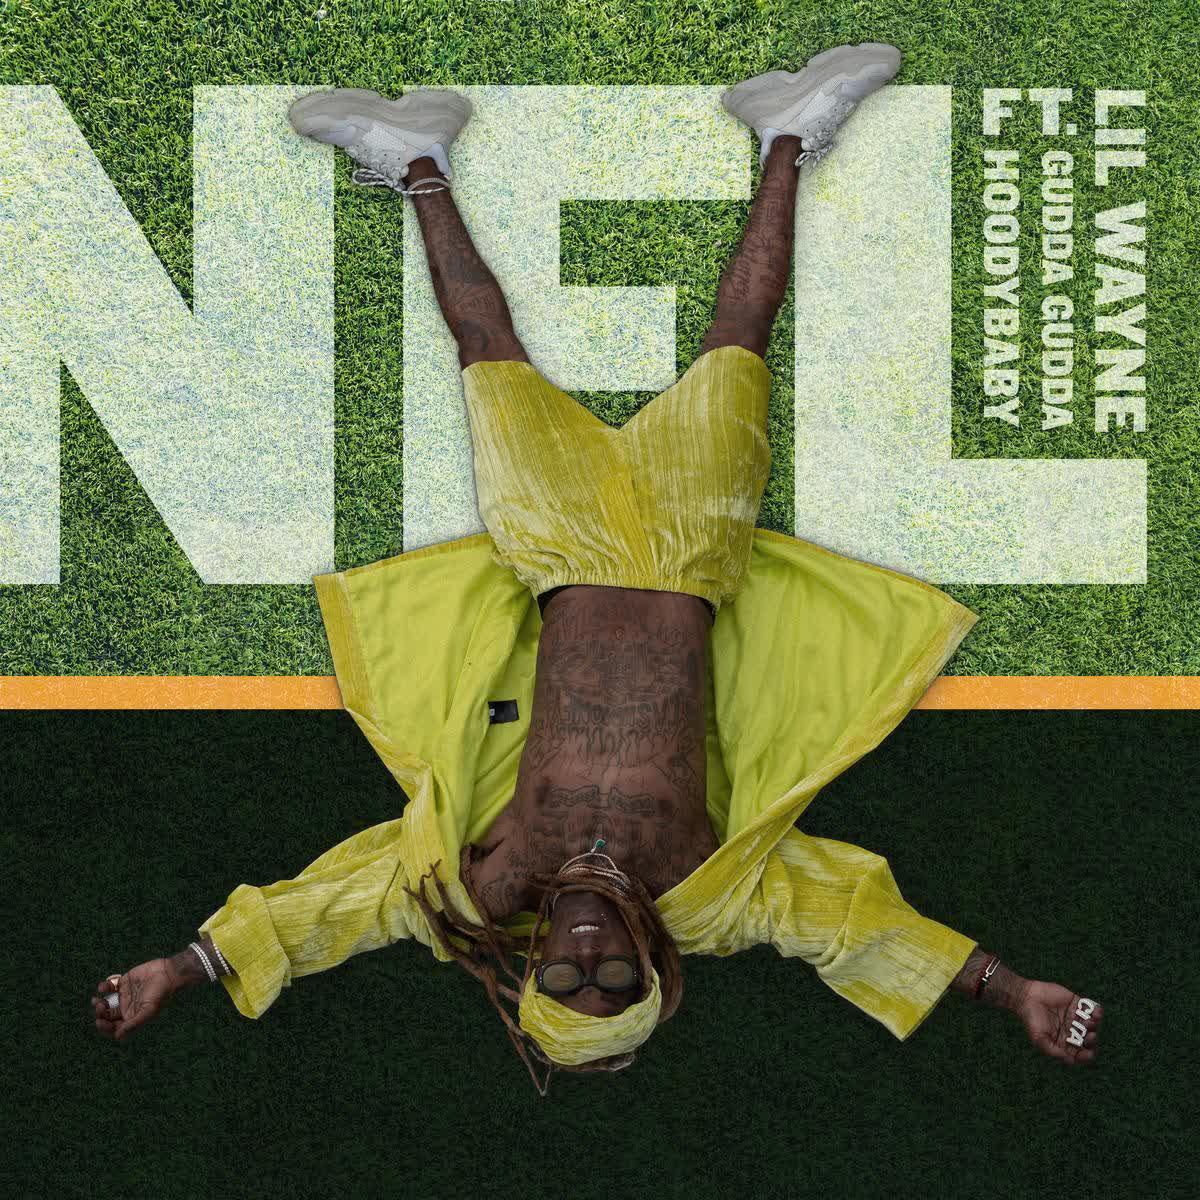 Lil Wayne – NFL Ft. Gudda Gudda & Hoodybaby